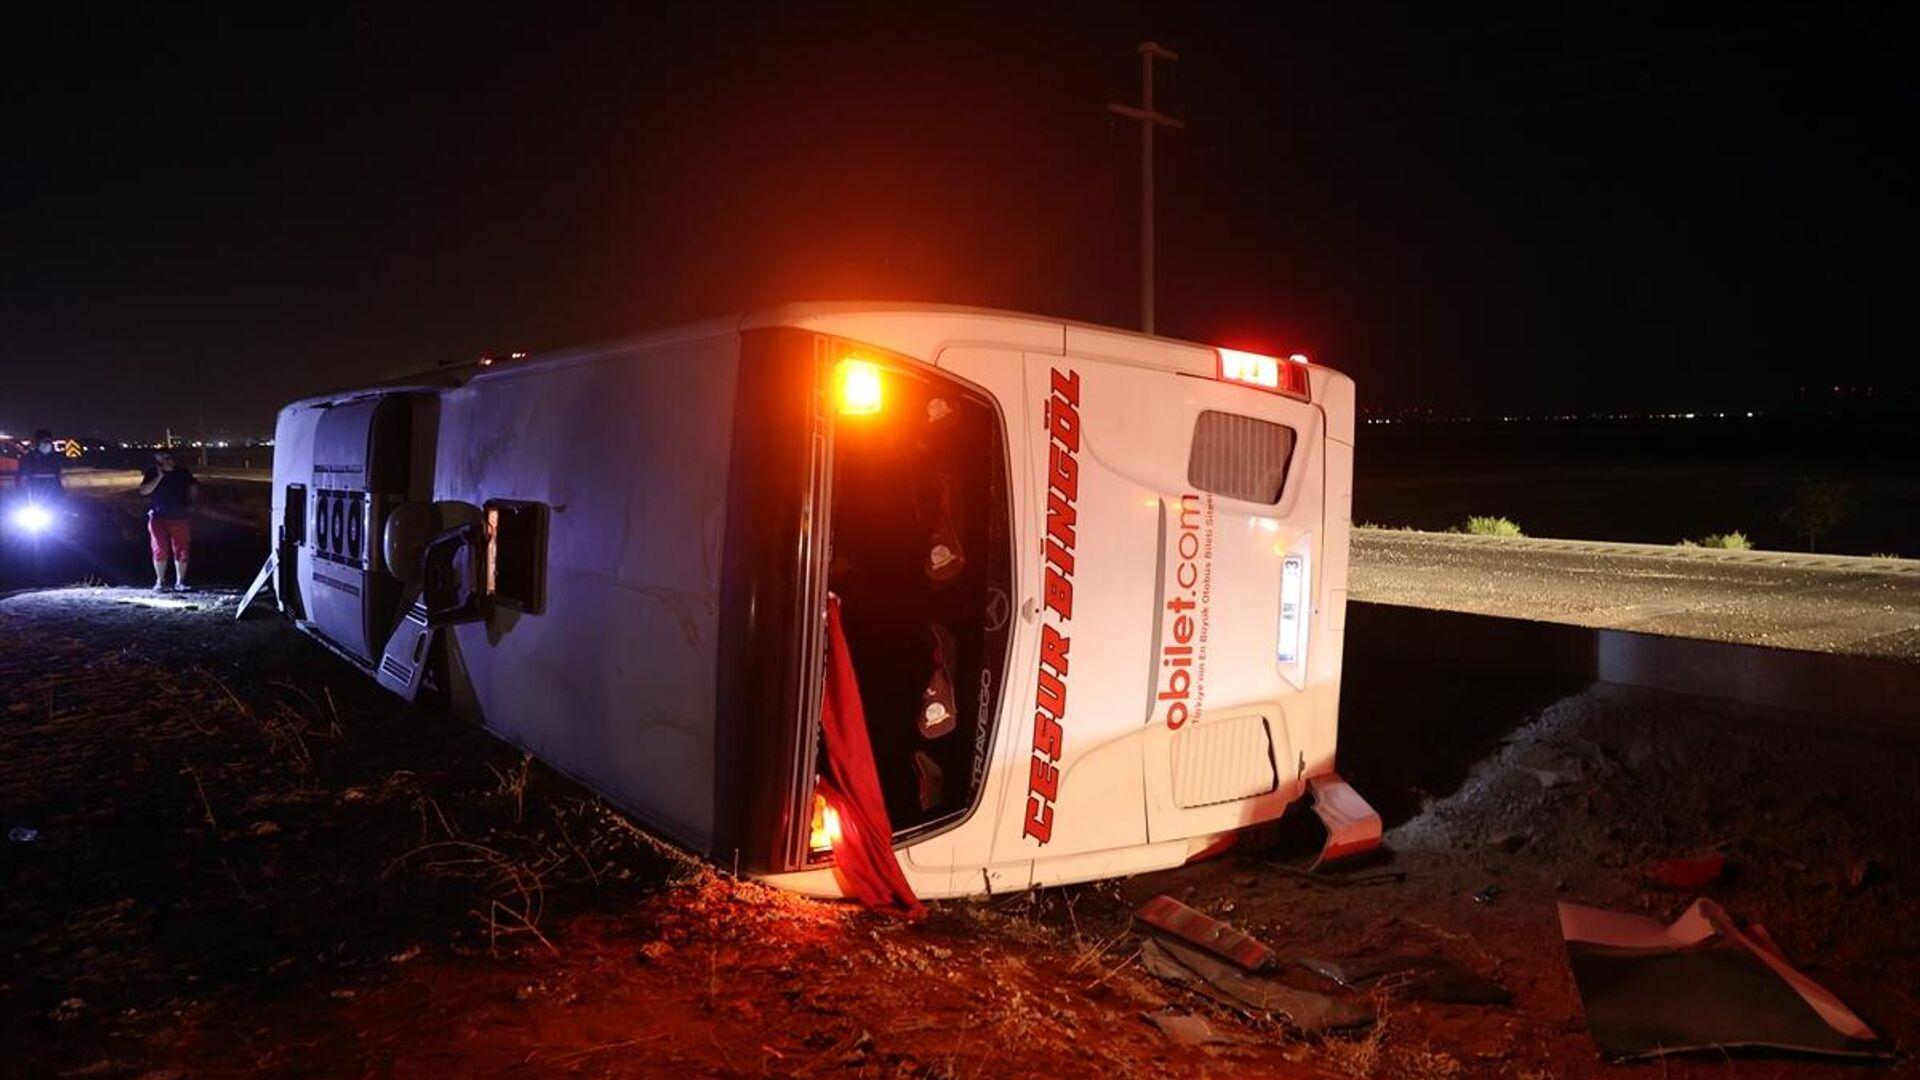 Konya'da yolcu otobüsün devrilmesi sonucu, biri ağır 14 kişi yaralandı. - Sputnik Türkiye, 1920, 20.09.2021